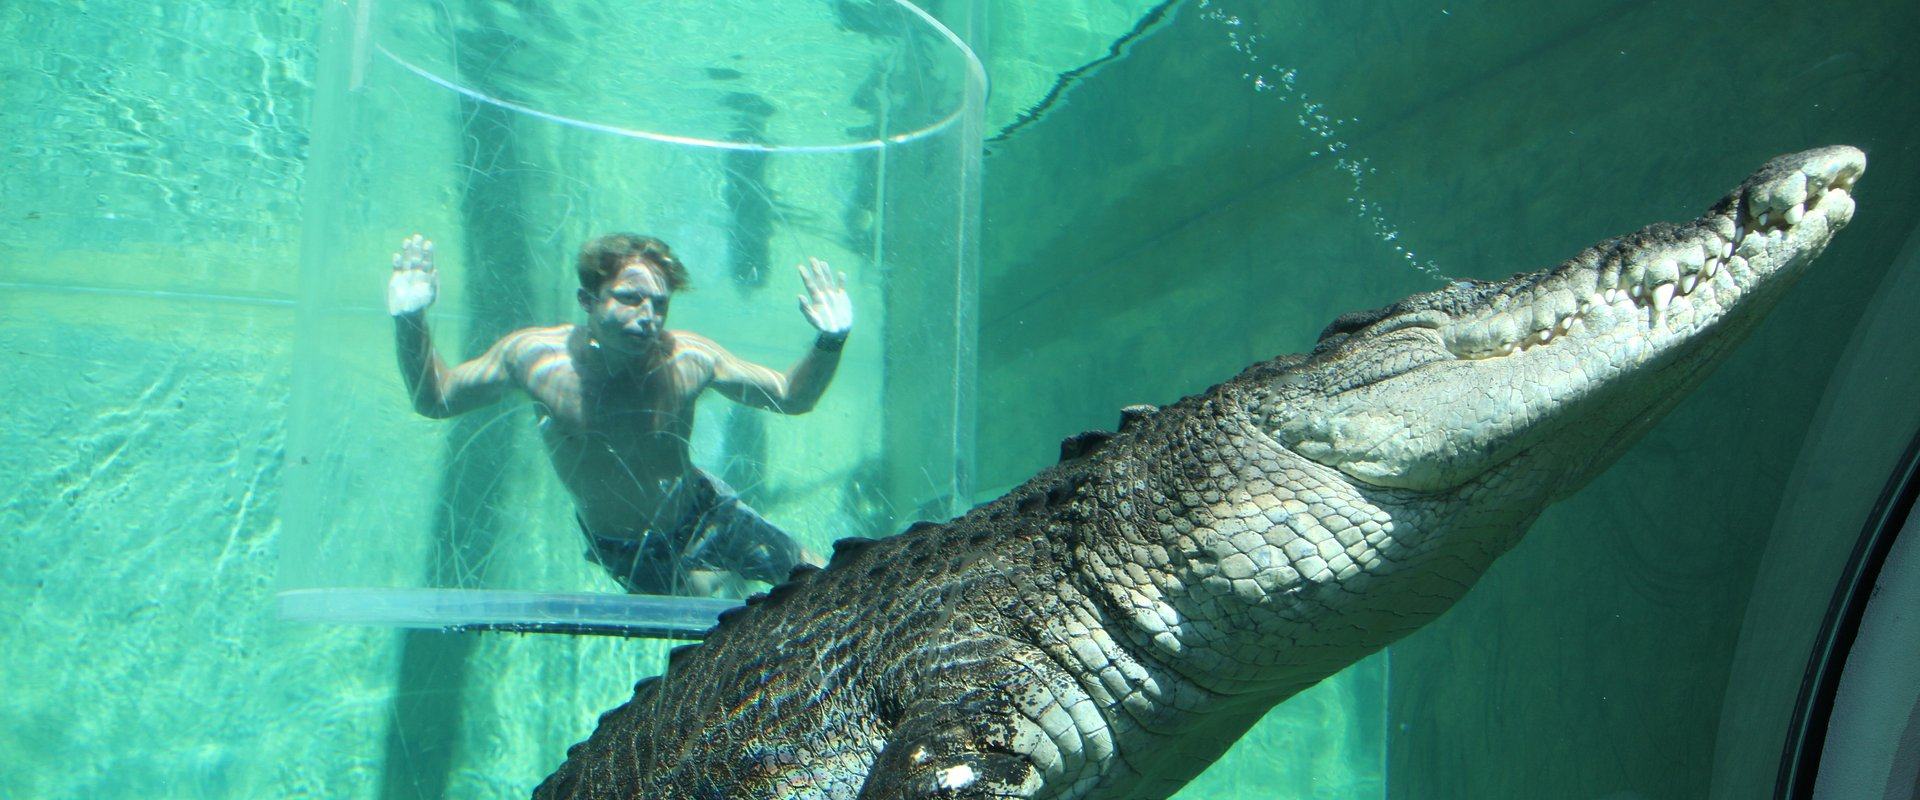 Największe, najbardziej zabójcze, żyjące na samym końcu świata – takie zwierzęta będziemy obserwować w sierpniu z National Geographic Wild. Zoologia może być ekstremalna!